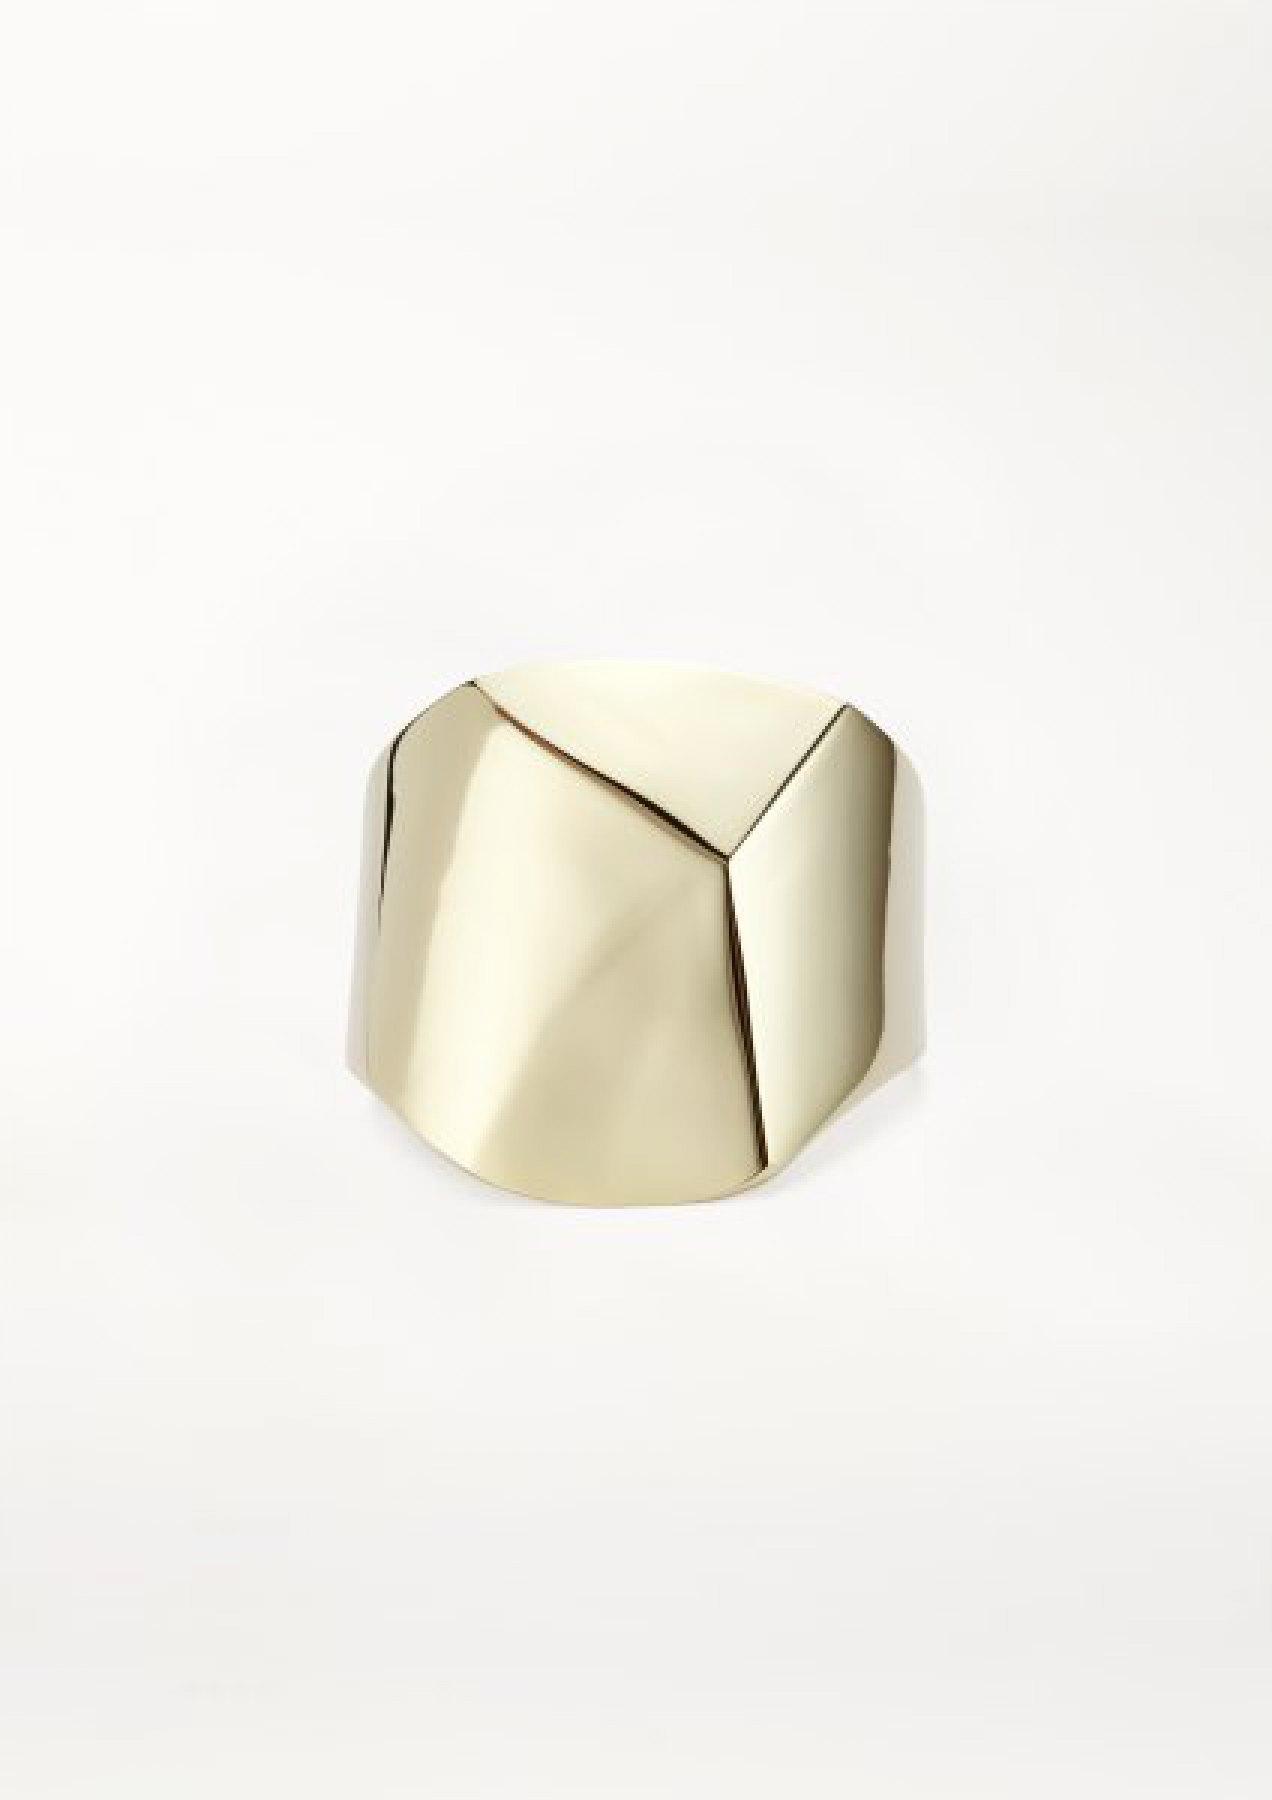 xenia bous jewellery small diamond stone 19 cuff gold silver